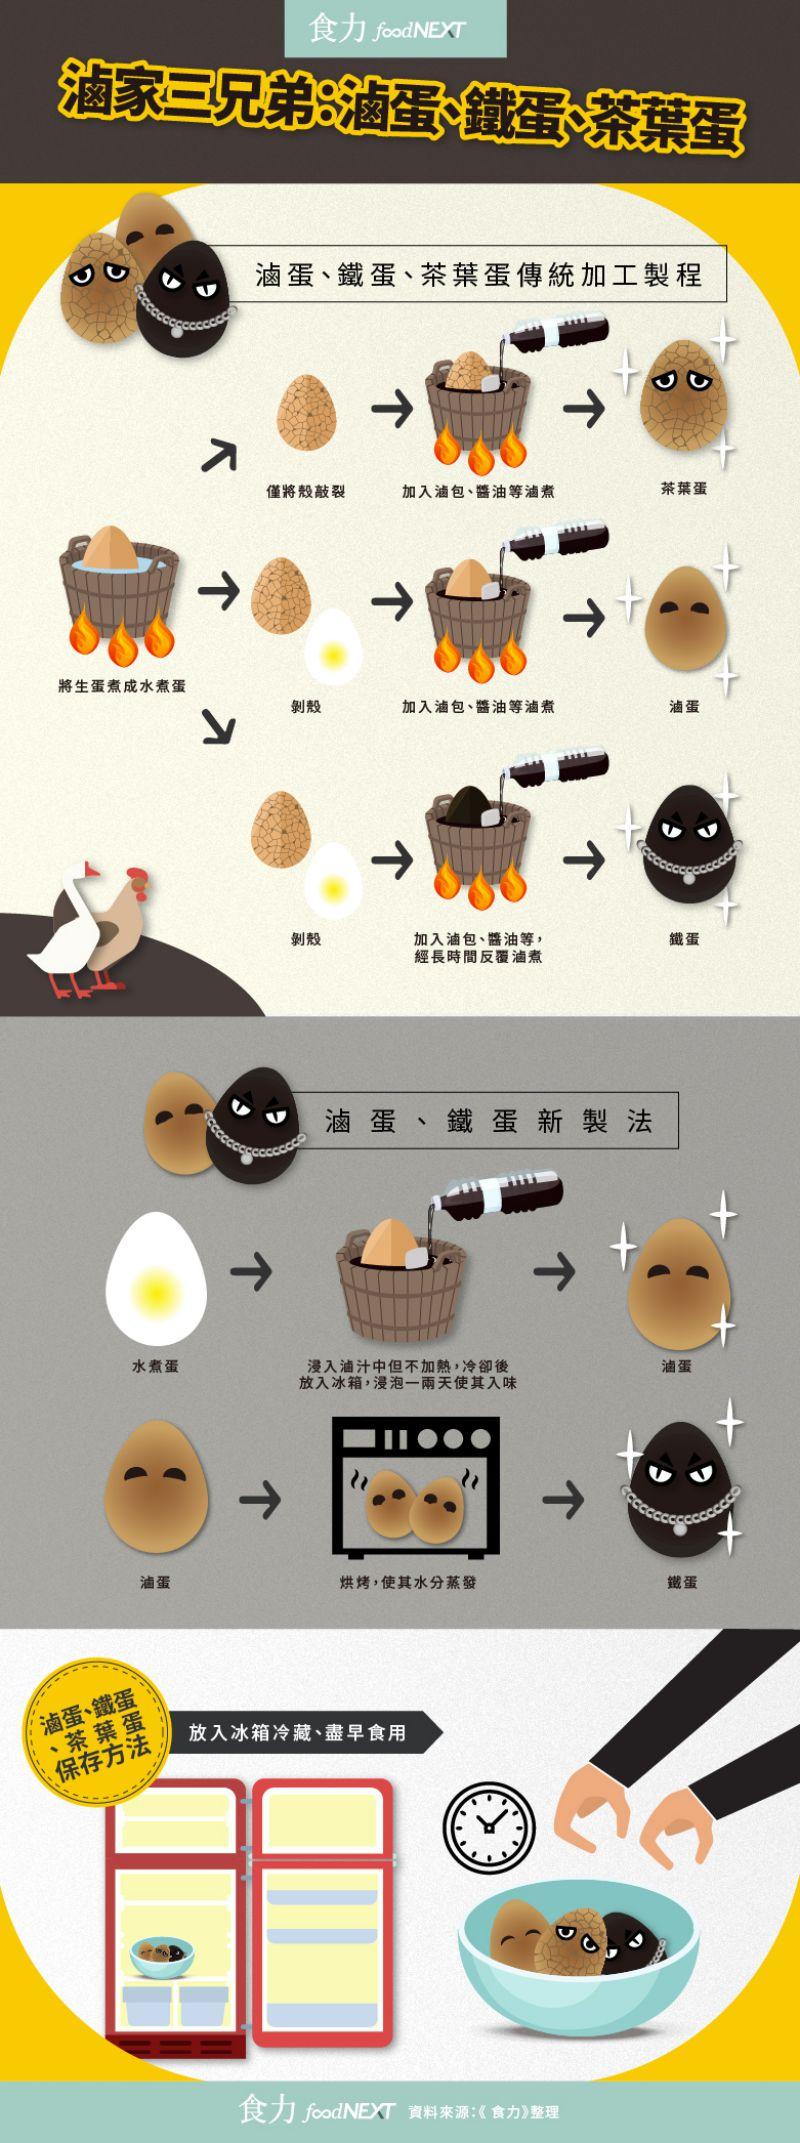 滷製蛋品加工製程